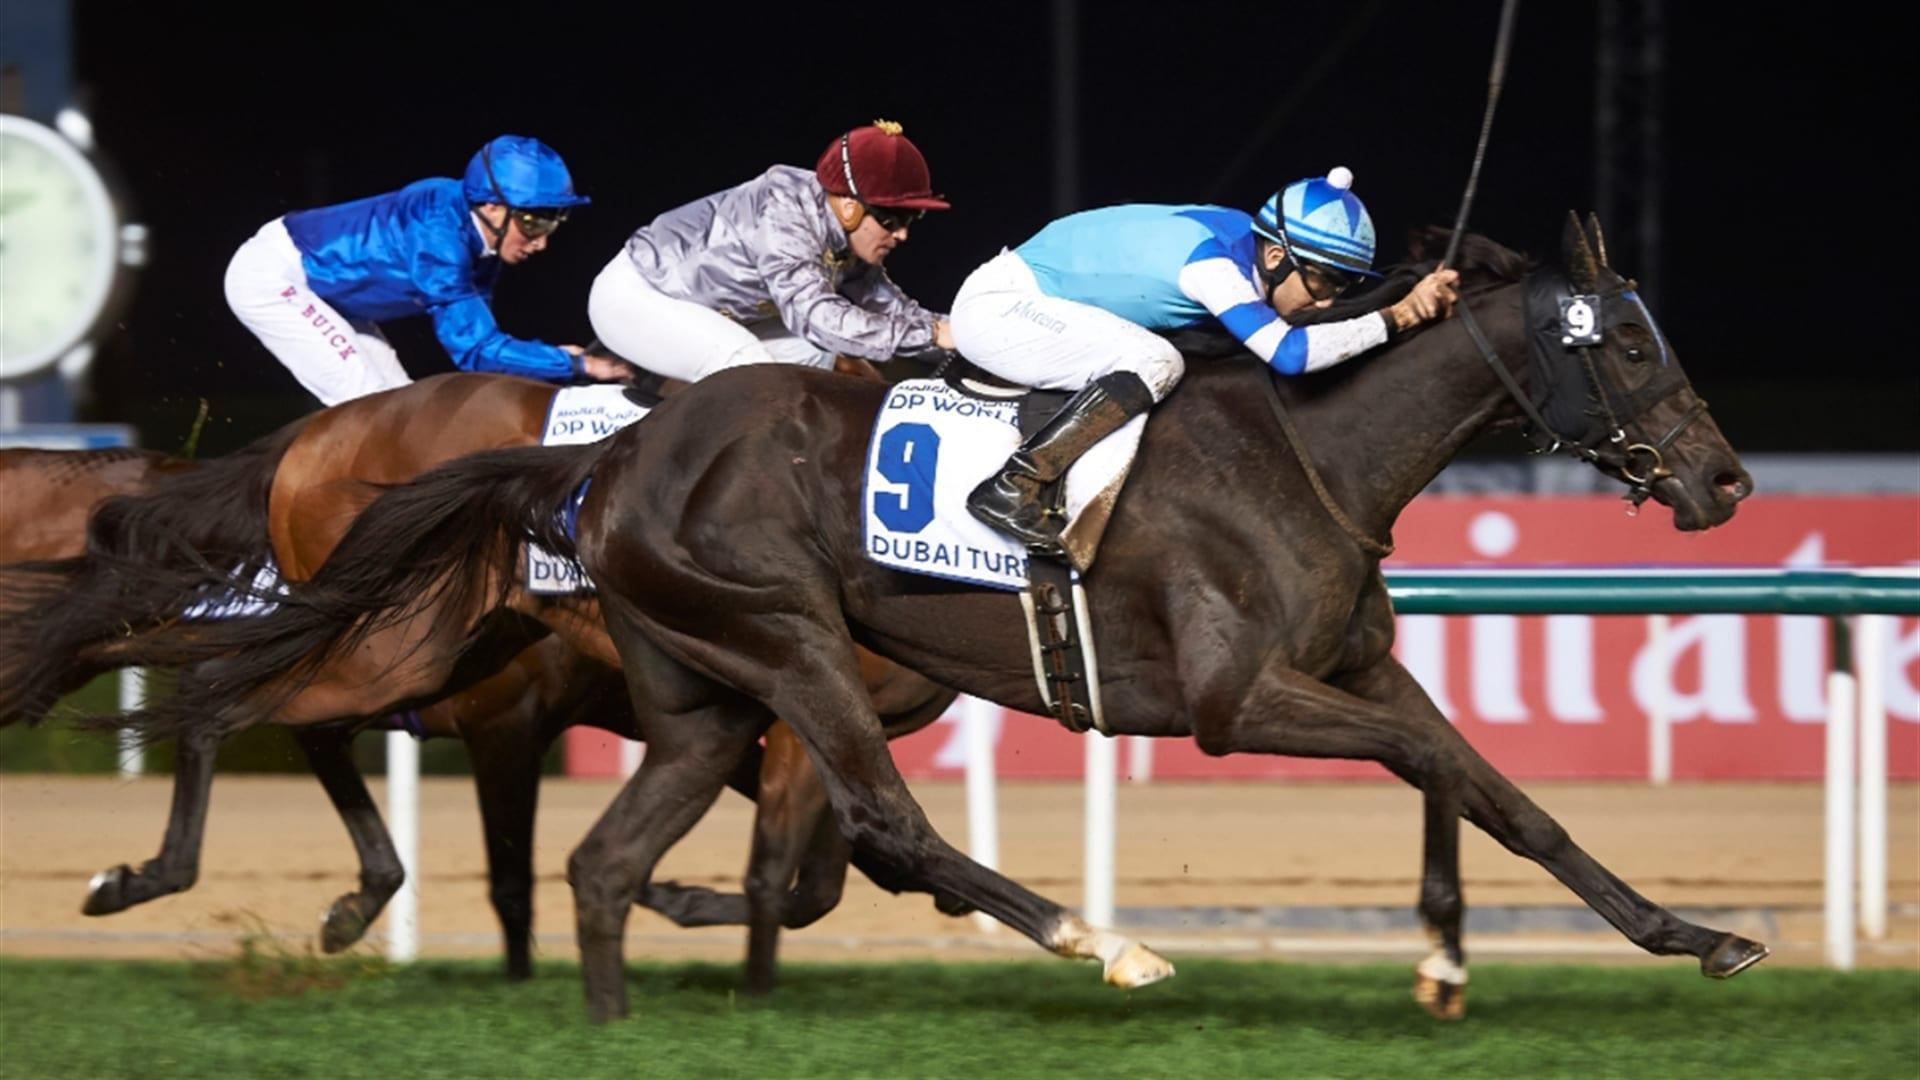 Vivlos wins the 2017 Dubai Turf